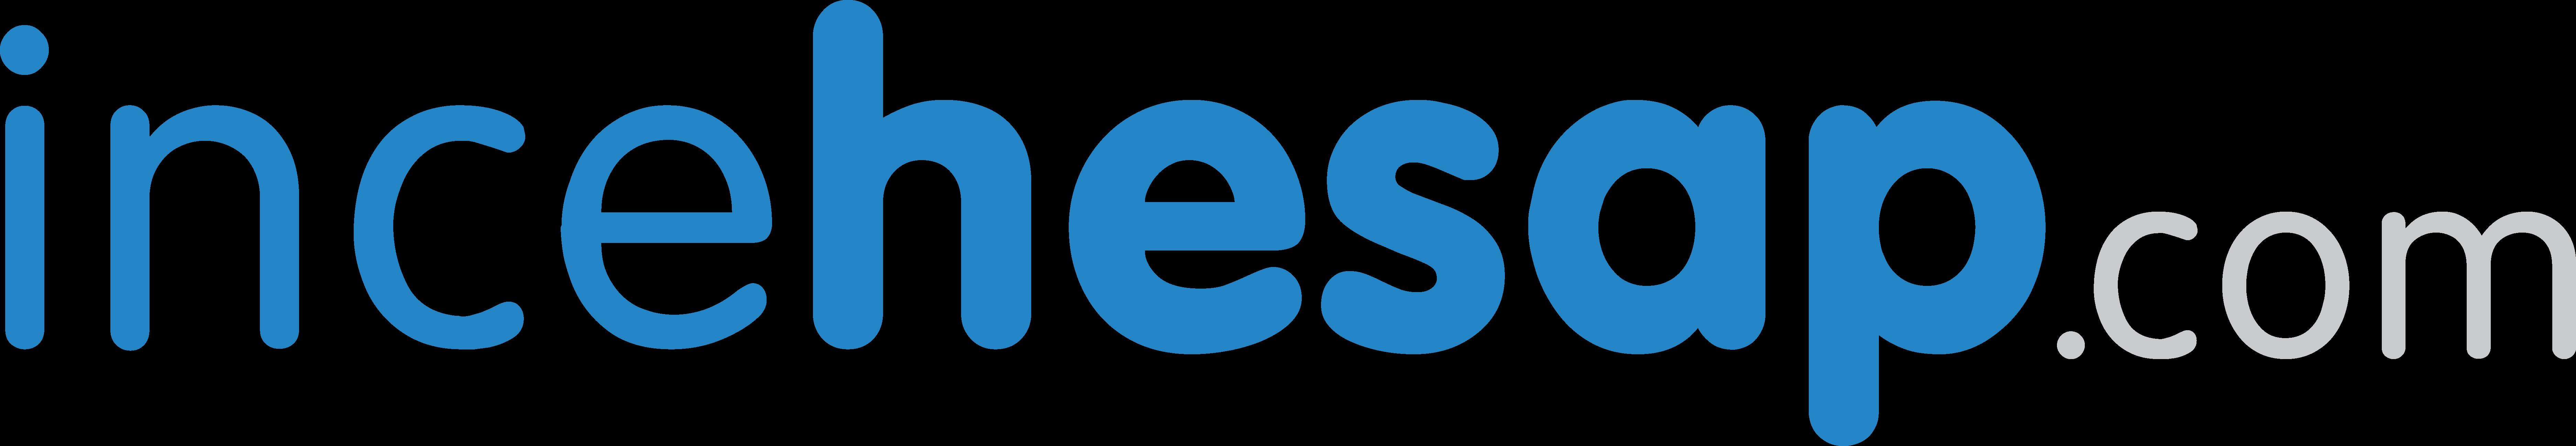 İncehesap.com Power BI İş Zekası ve Raporlama Projesi